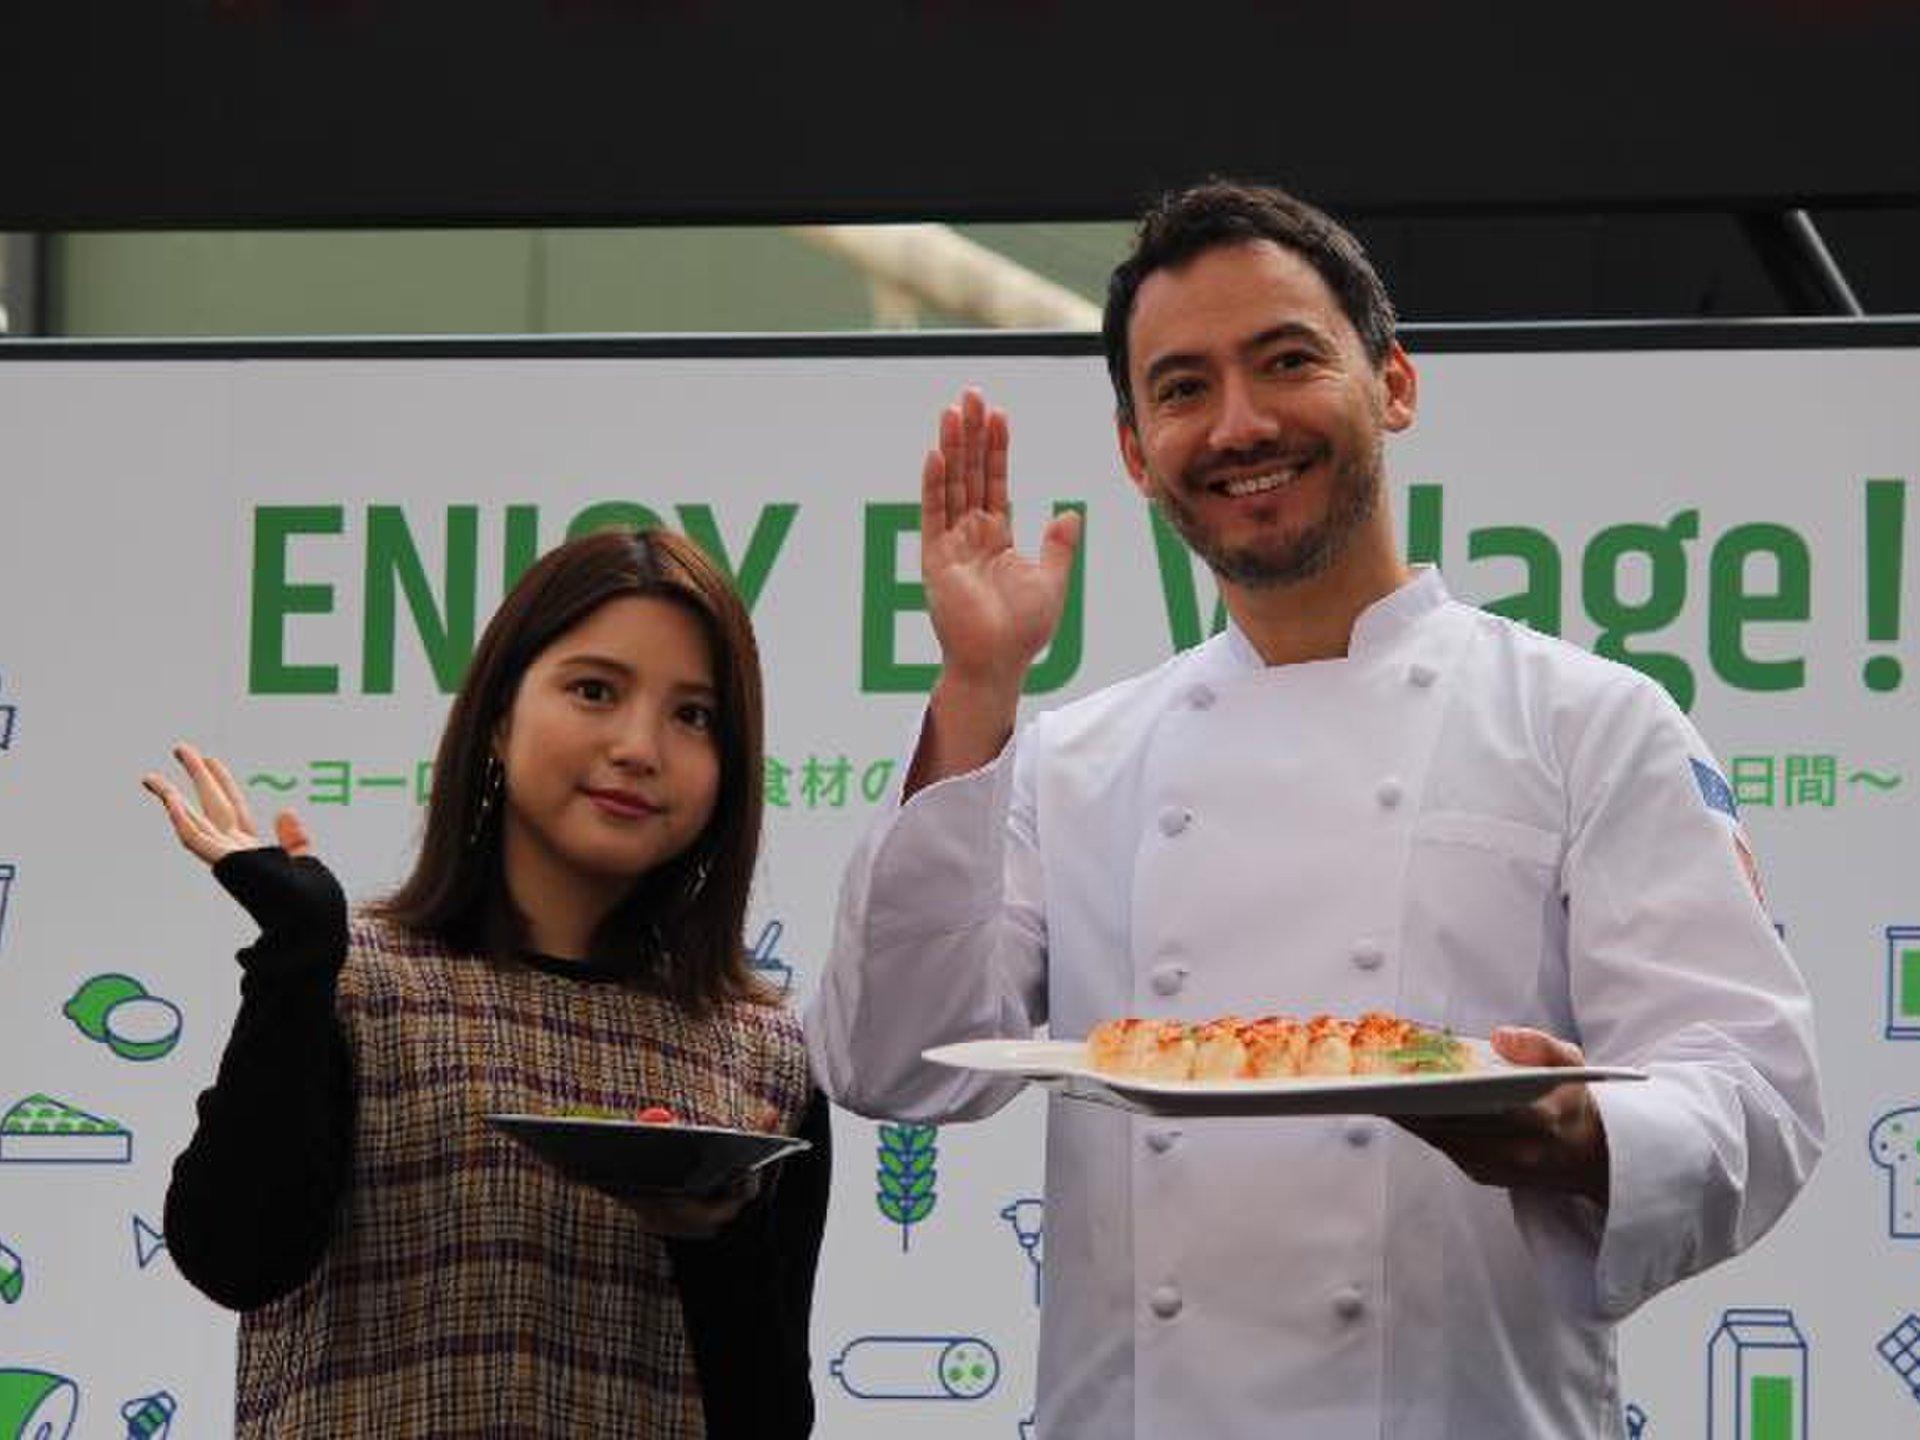 料理研究家ベリッシモ氏のワークショップも【期間限定イベント】ヨーロッパと日本のペアリングメニュー提供